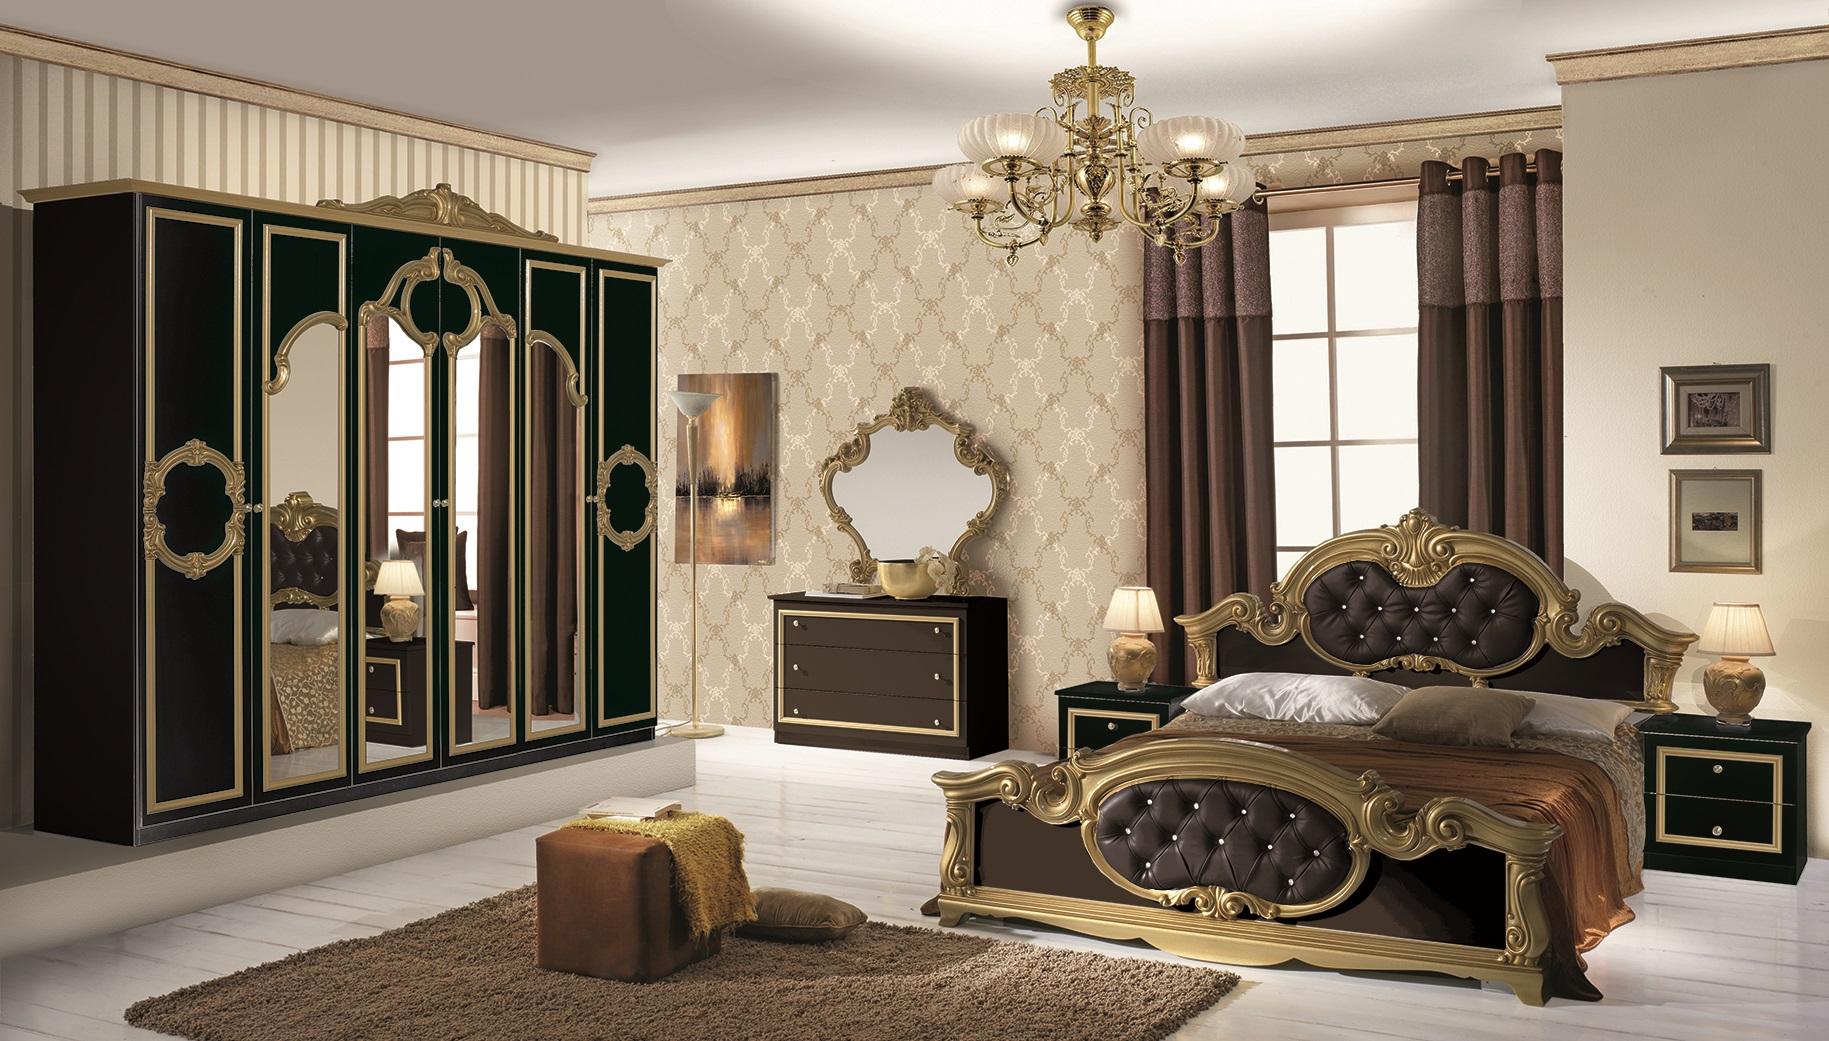 schlafzimmer barocco in schwarz gold klassik barock s bar b160 6d b. Black Bedroom Furniture Sets. Home Design Ideas